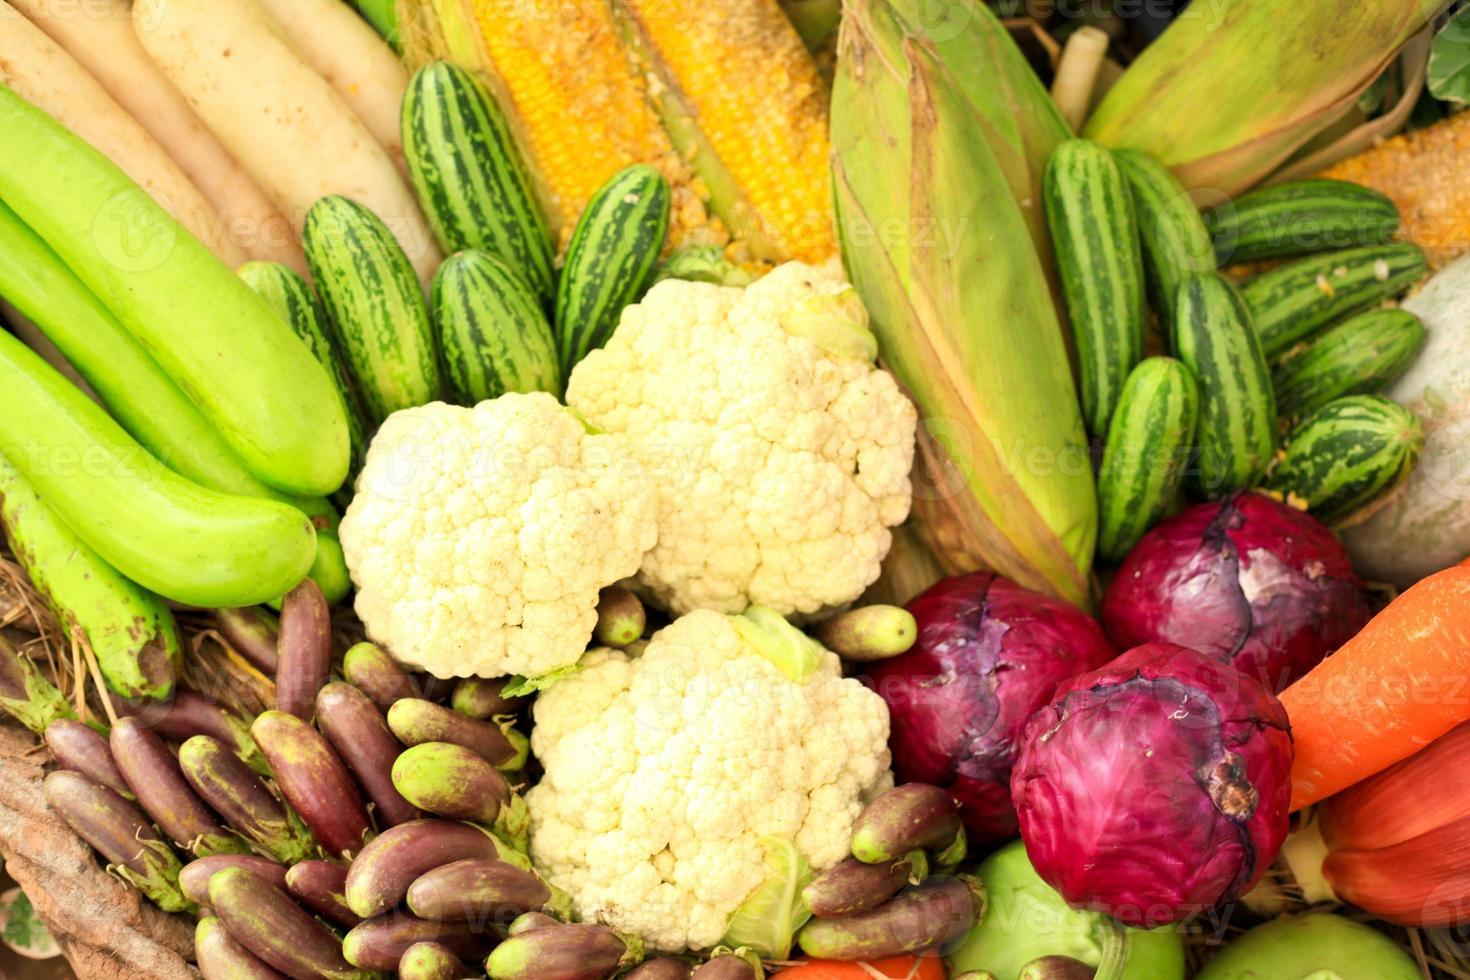 fruits et légumes, nature morte naturelle pour une alimentation saine photo